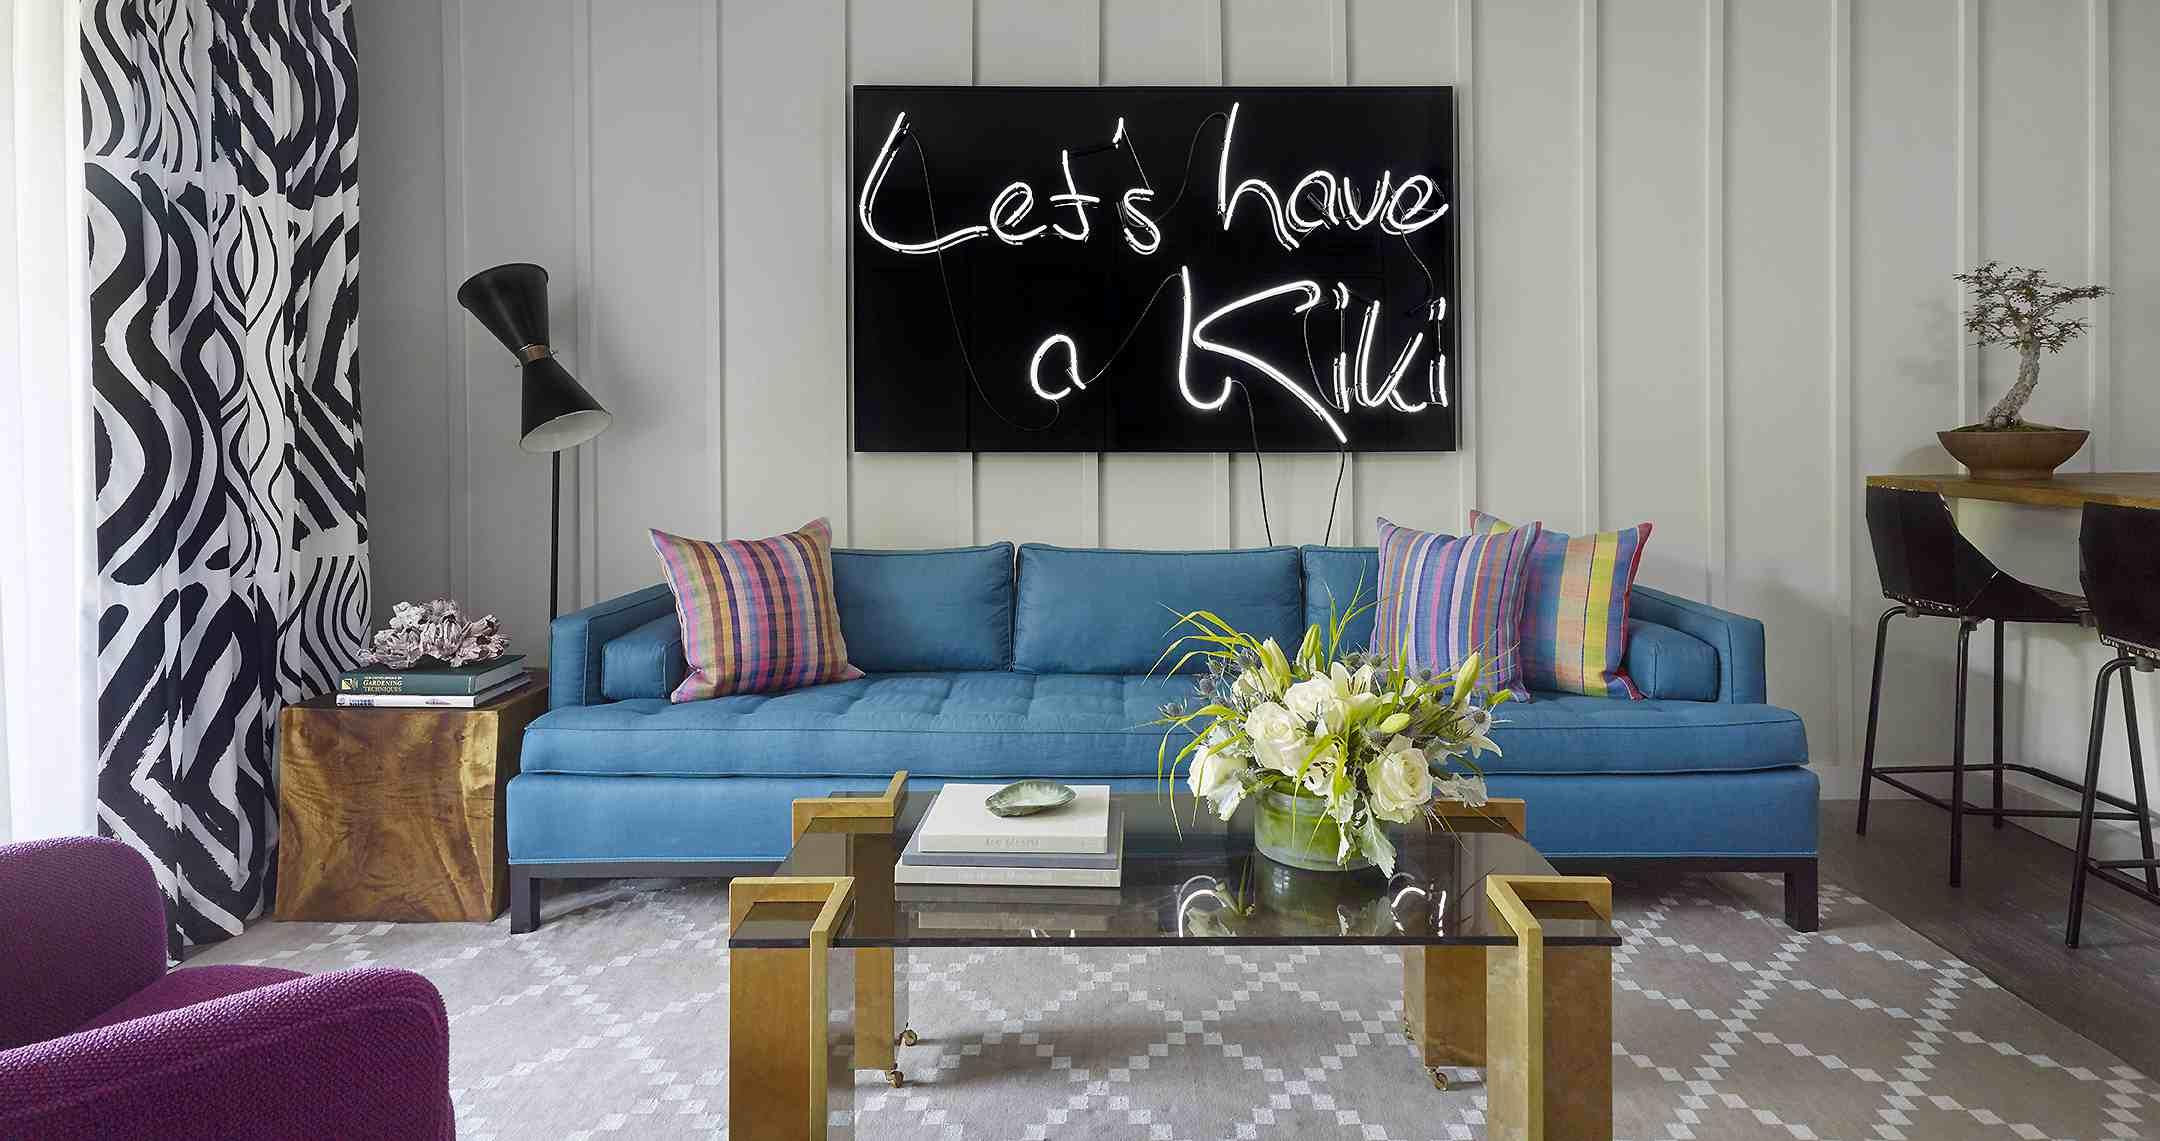 Una sala de estar con un sofá azul brillante, cortinas y alfombras estampadas